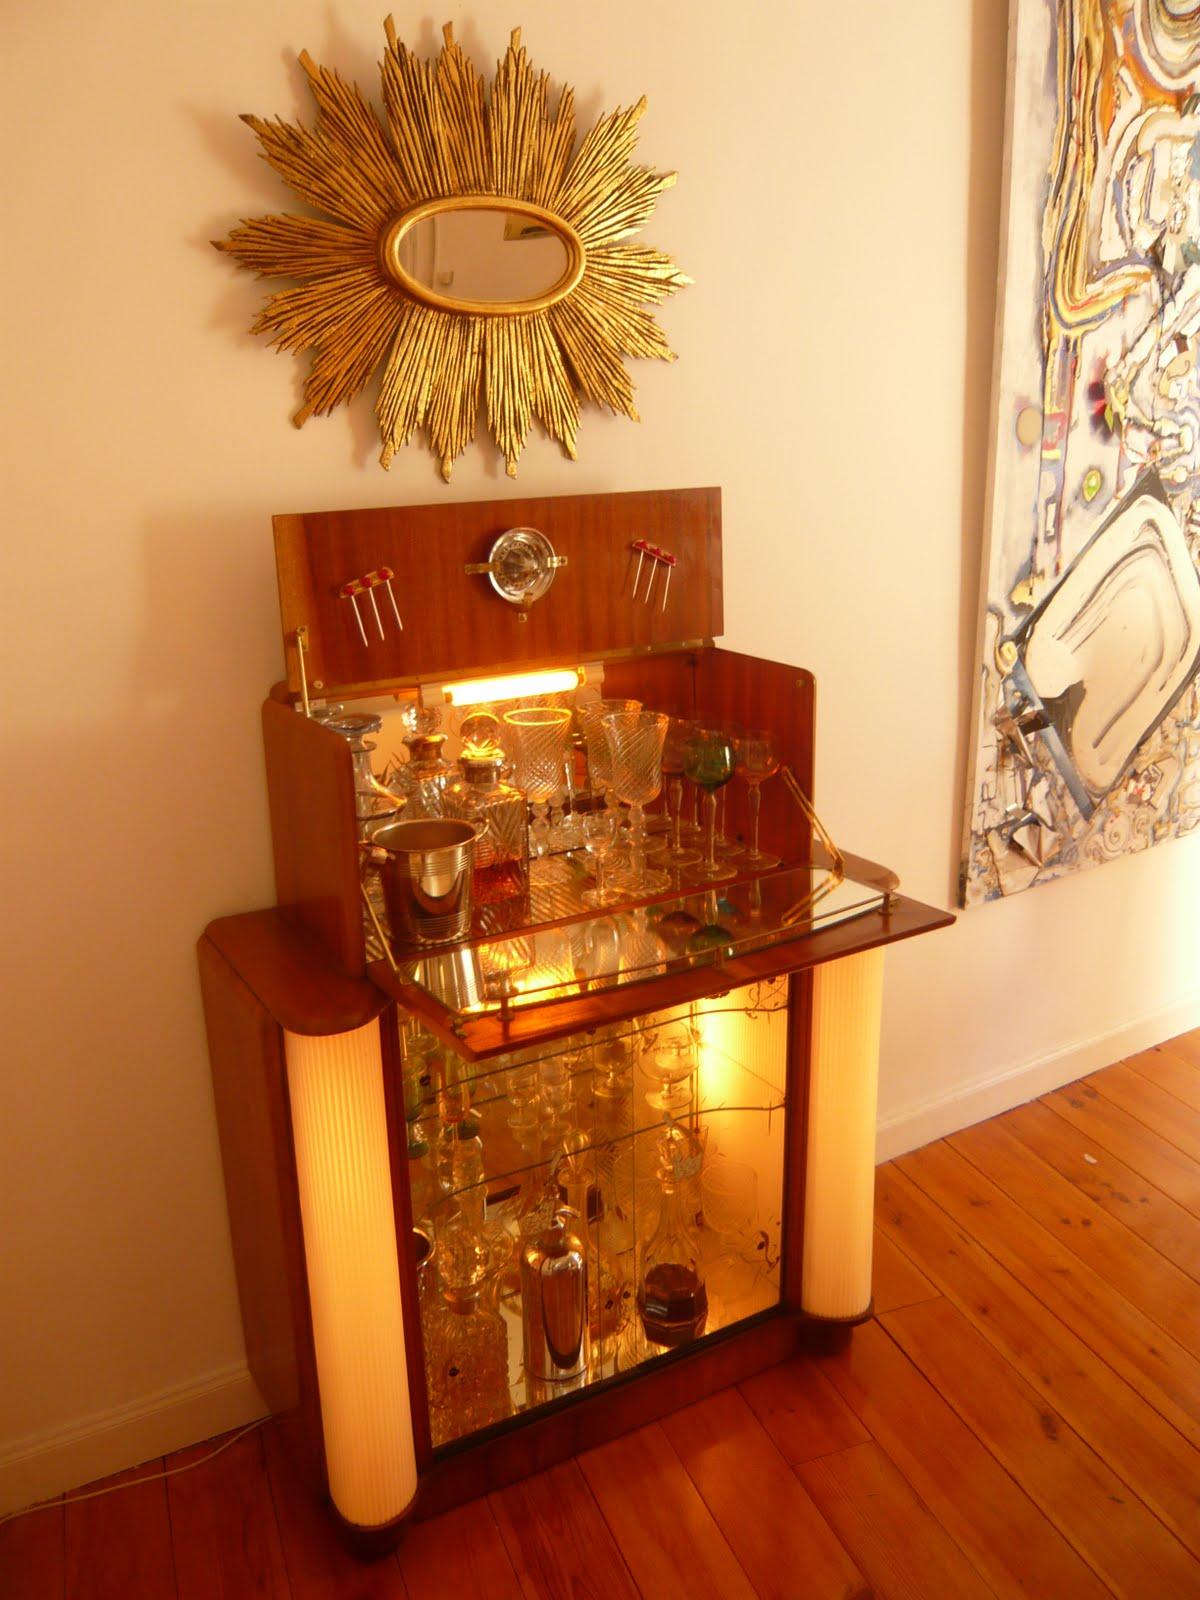 Mueblebar mueble cocktail ingl s a os 50 - Muebles anos 50 ...